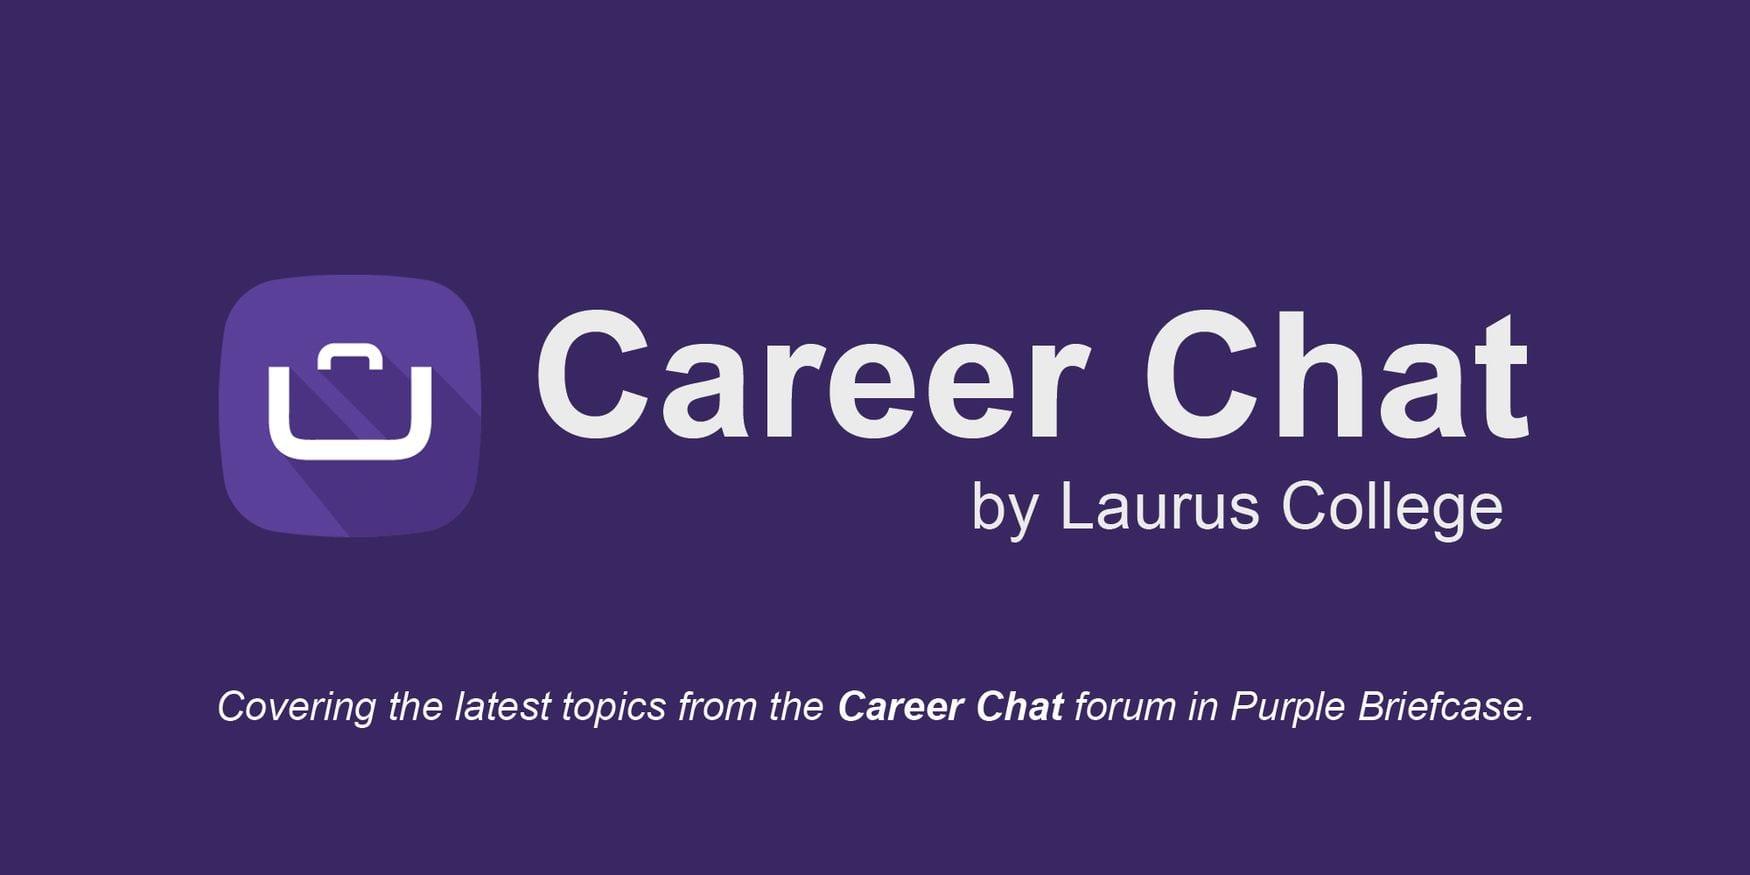 career_chat_laurus_blog_post